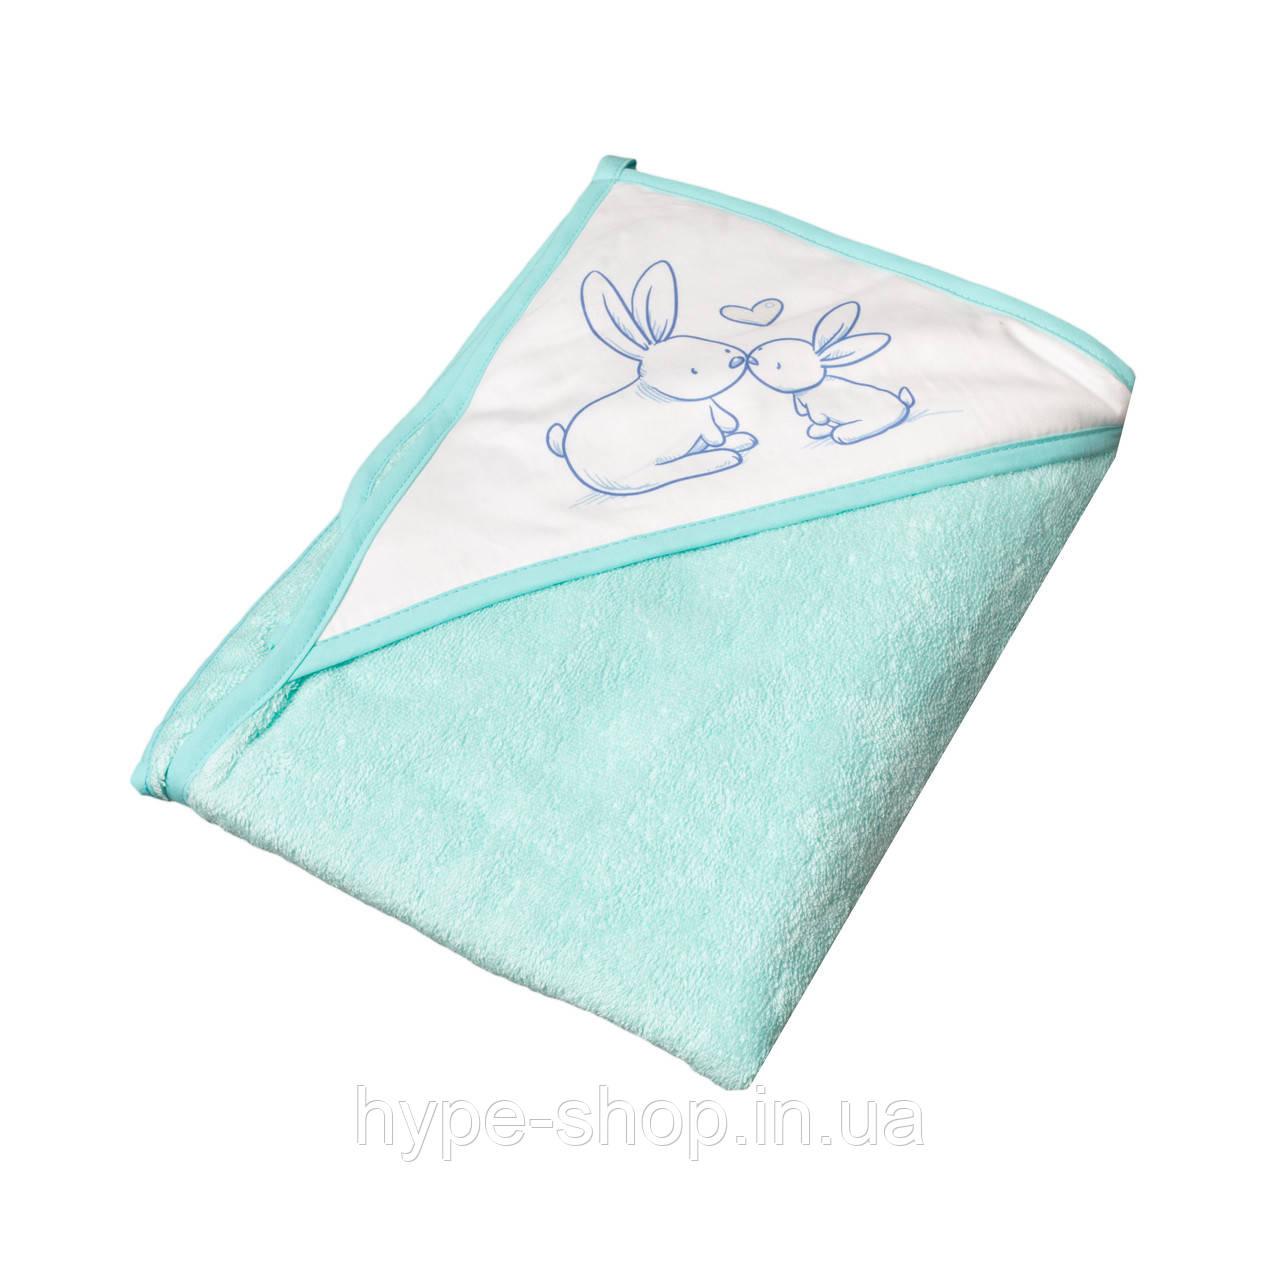 Полотенце с капюшоном КРОЛИКИ 100*100 см Tega Baby Бирюзовый